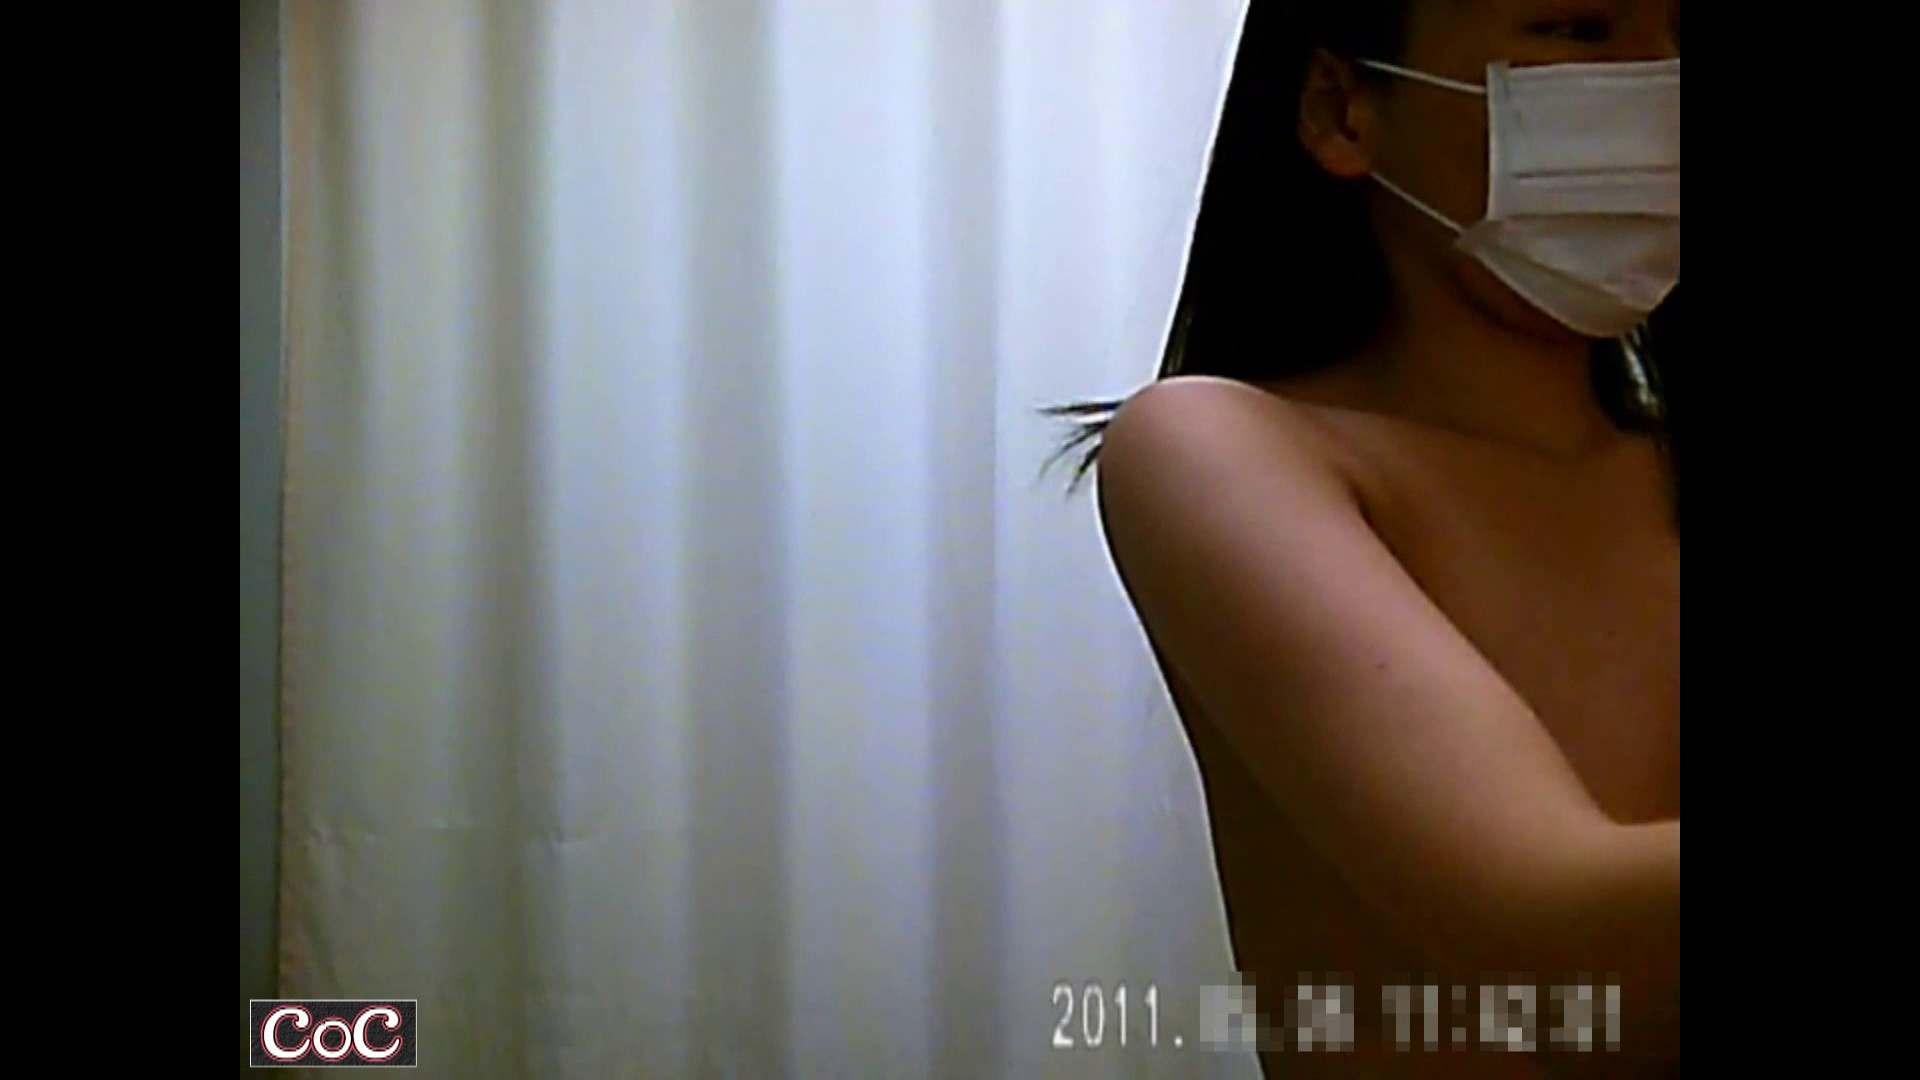 病院おもいっきり着替え! vol.144 貧乳編 盗撮動画紹介 106画像 63